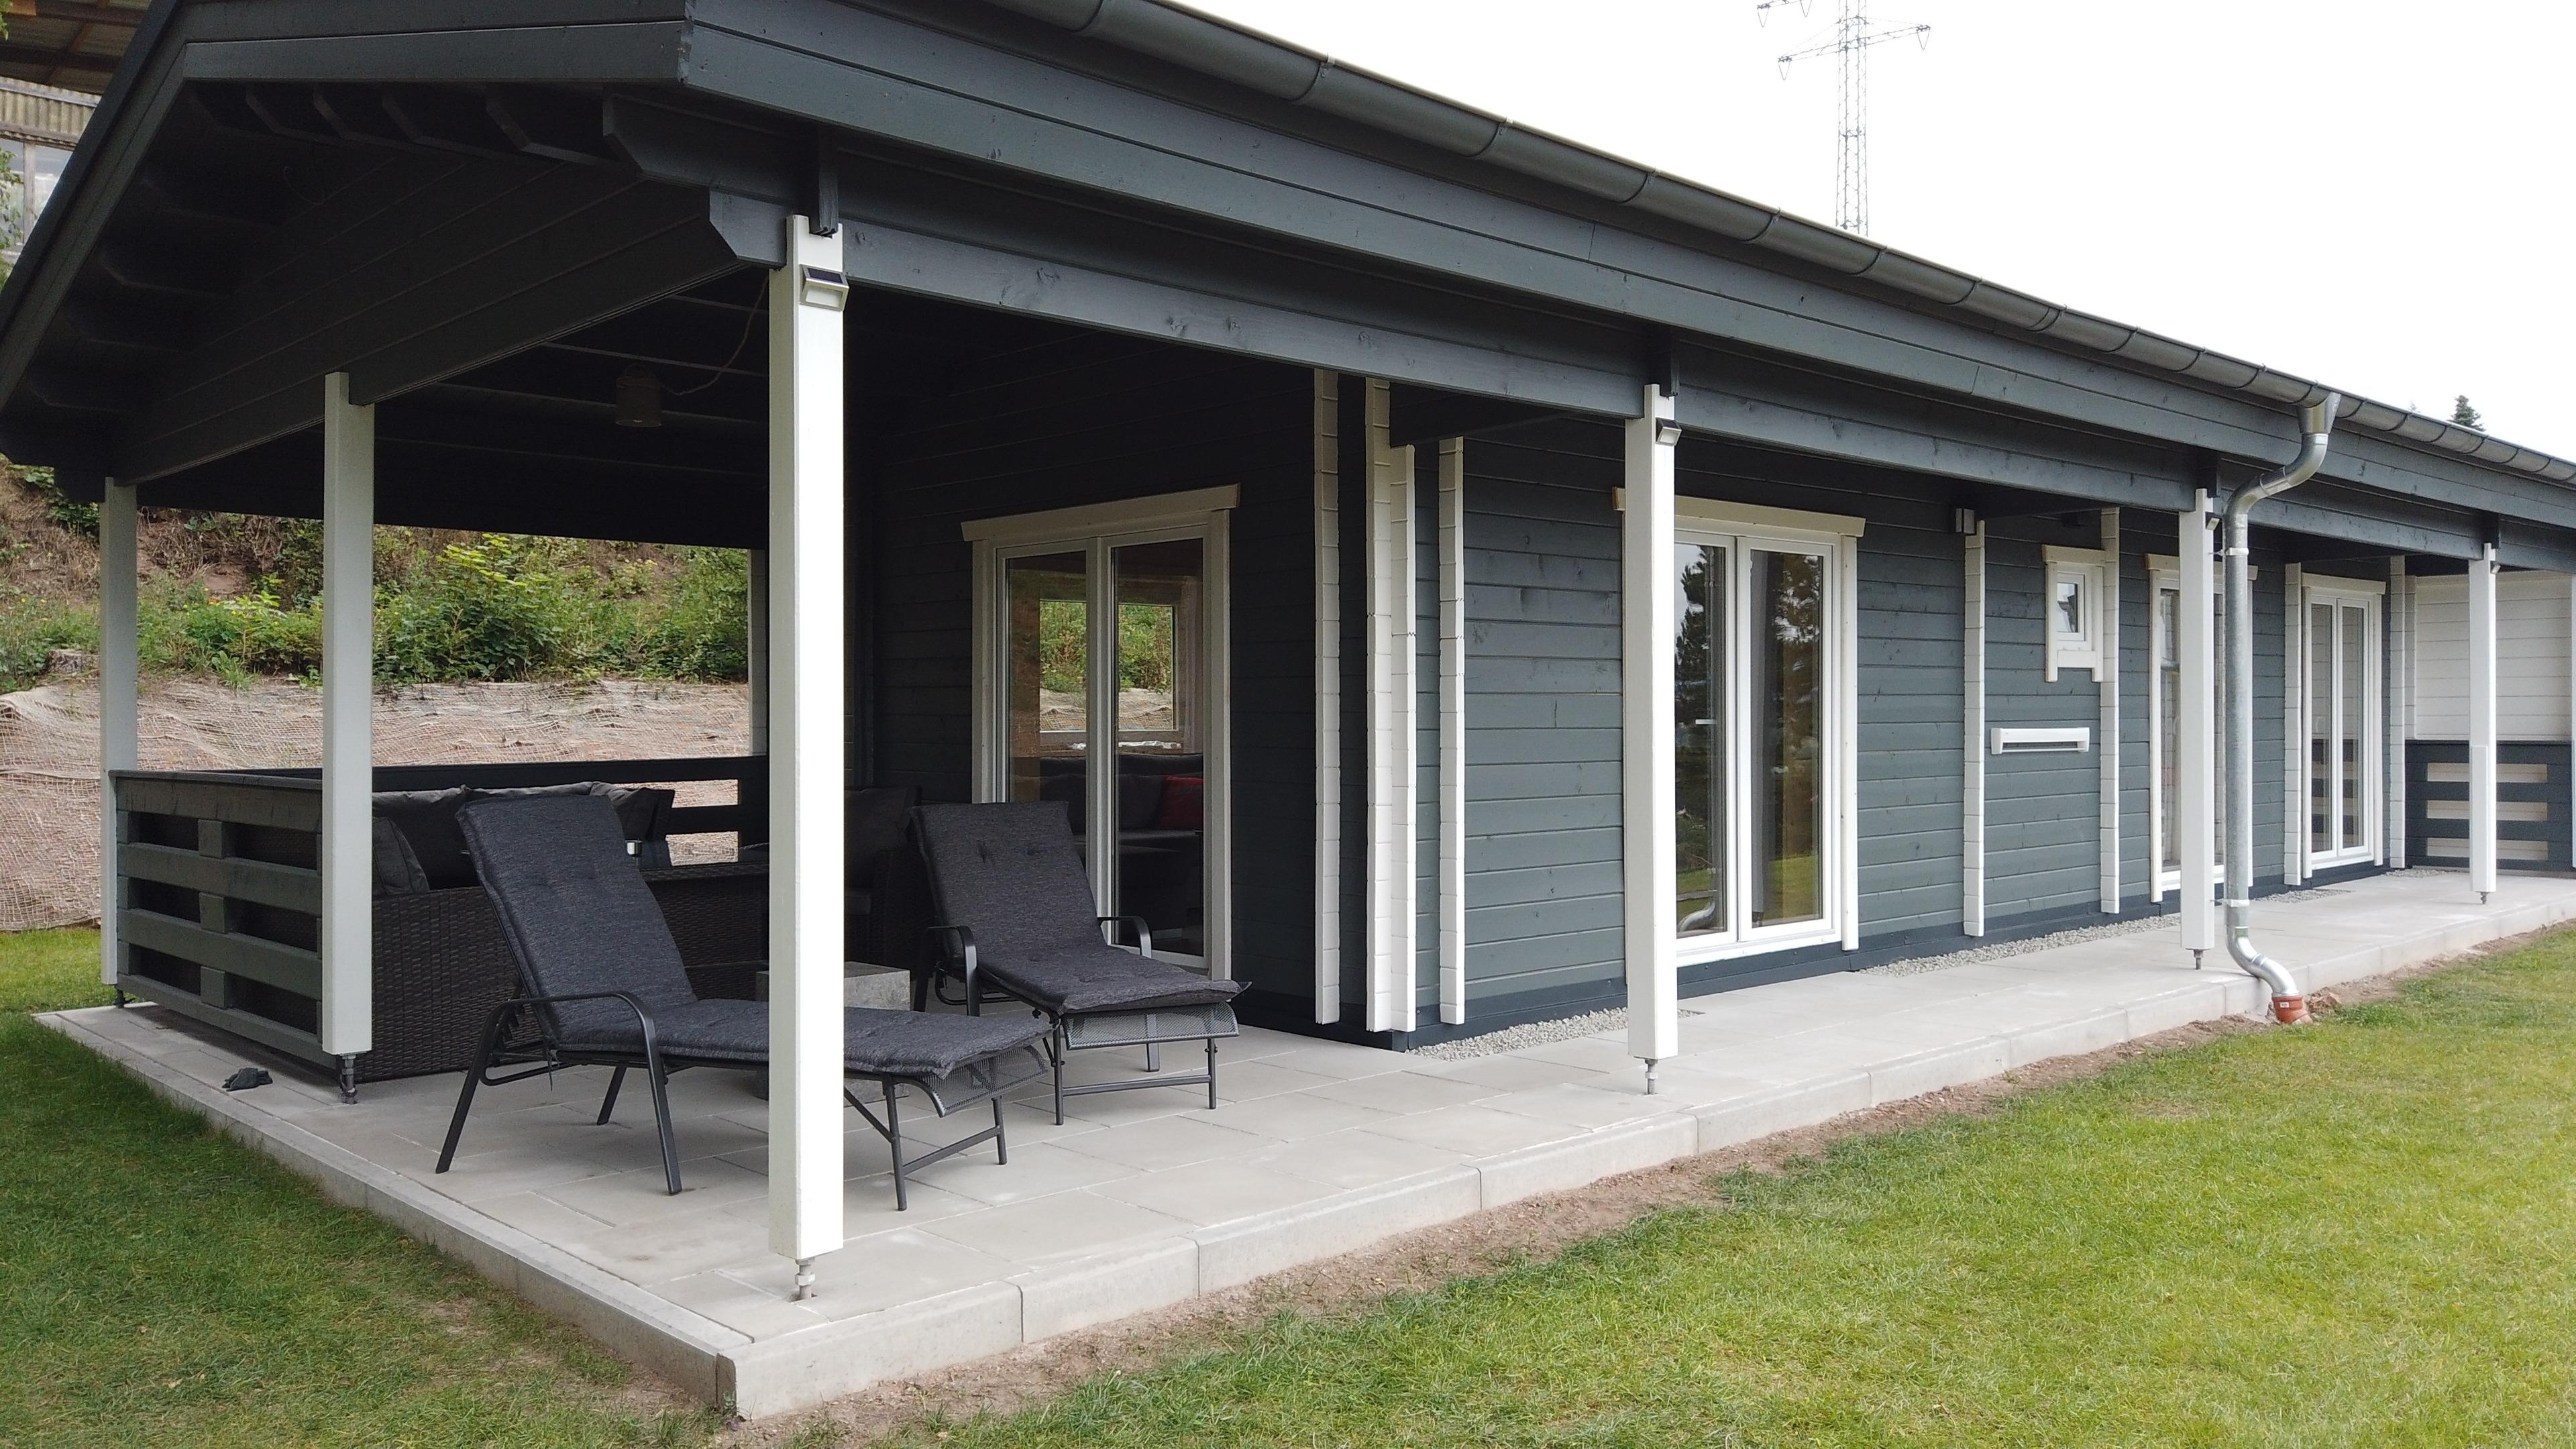 WellnessFerienhaus mit Pool, Sauna, Whirlpool mitt Ferienhaus in Thüringen